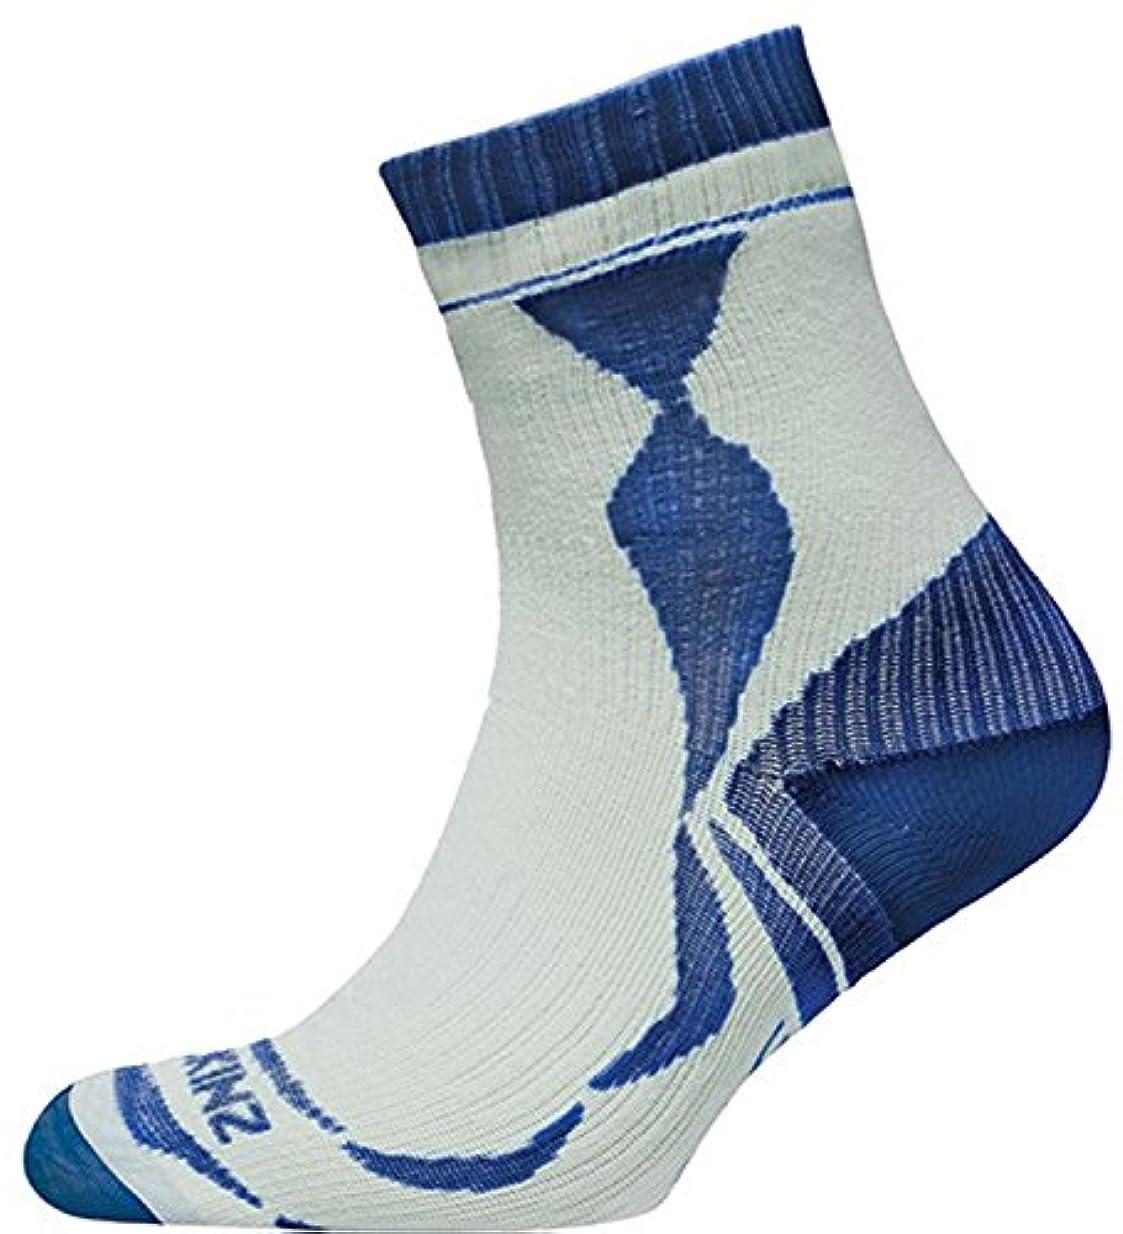 調整する留まる運賃SealSkinz(シールスキンズ) 完全防水 アンクルソックス (薄手) Thin Ankle Length Socks ホワイト/アクア 1111402 144